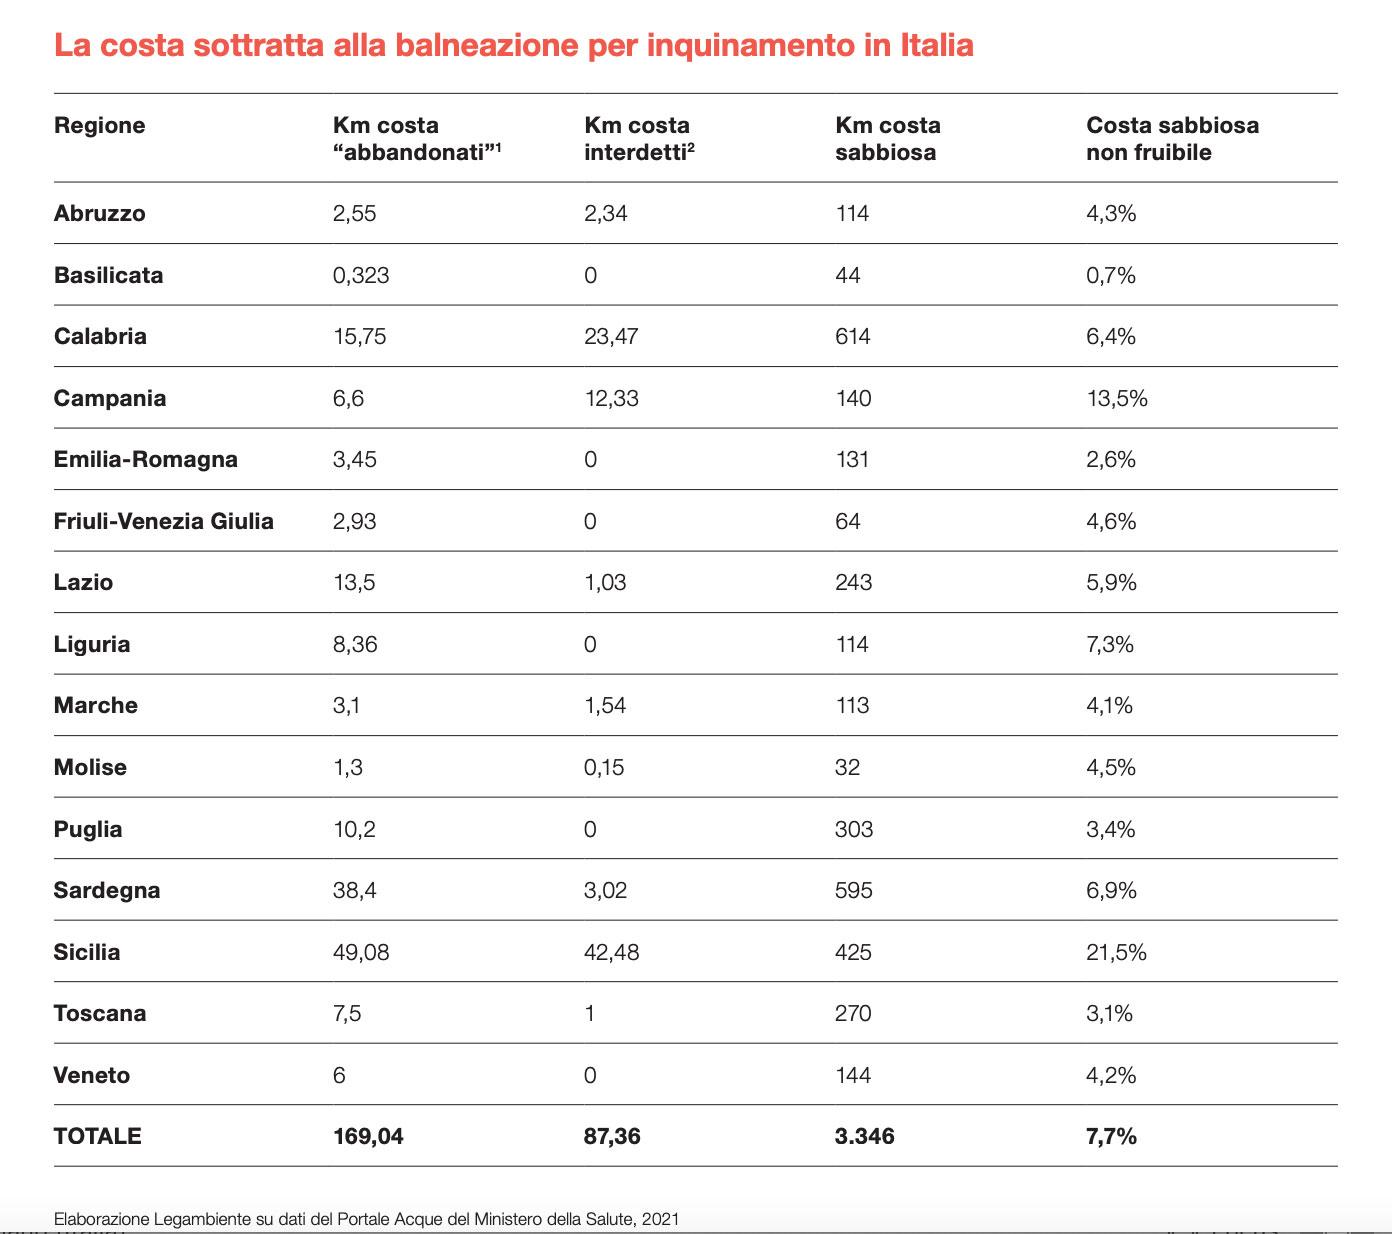 report di Legambiente 2021: spiagge sottratte alla balneazione per l'inquinamento in italia